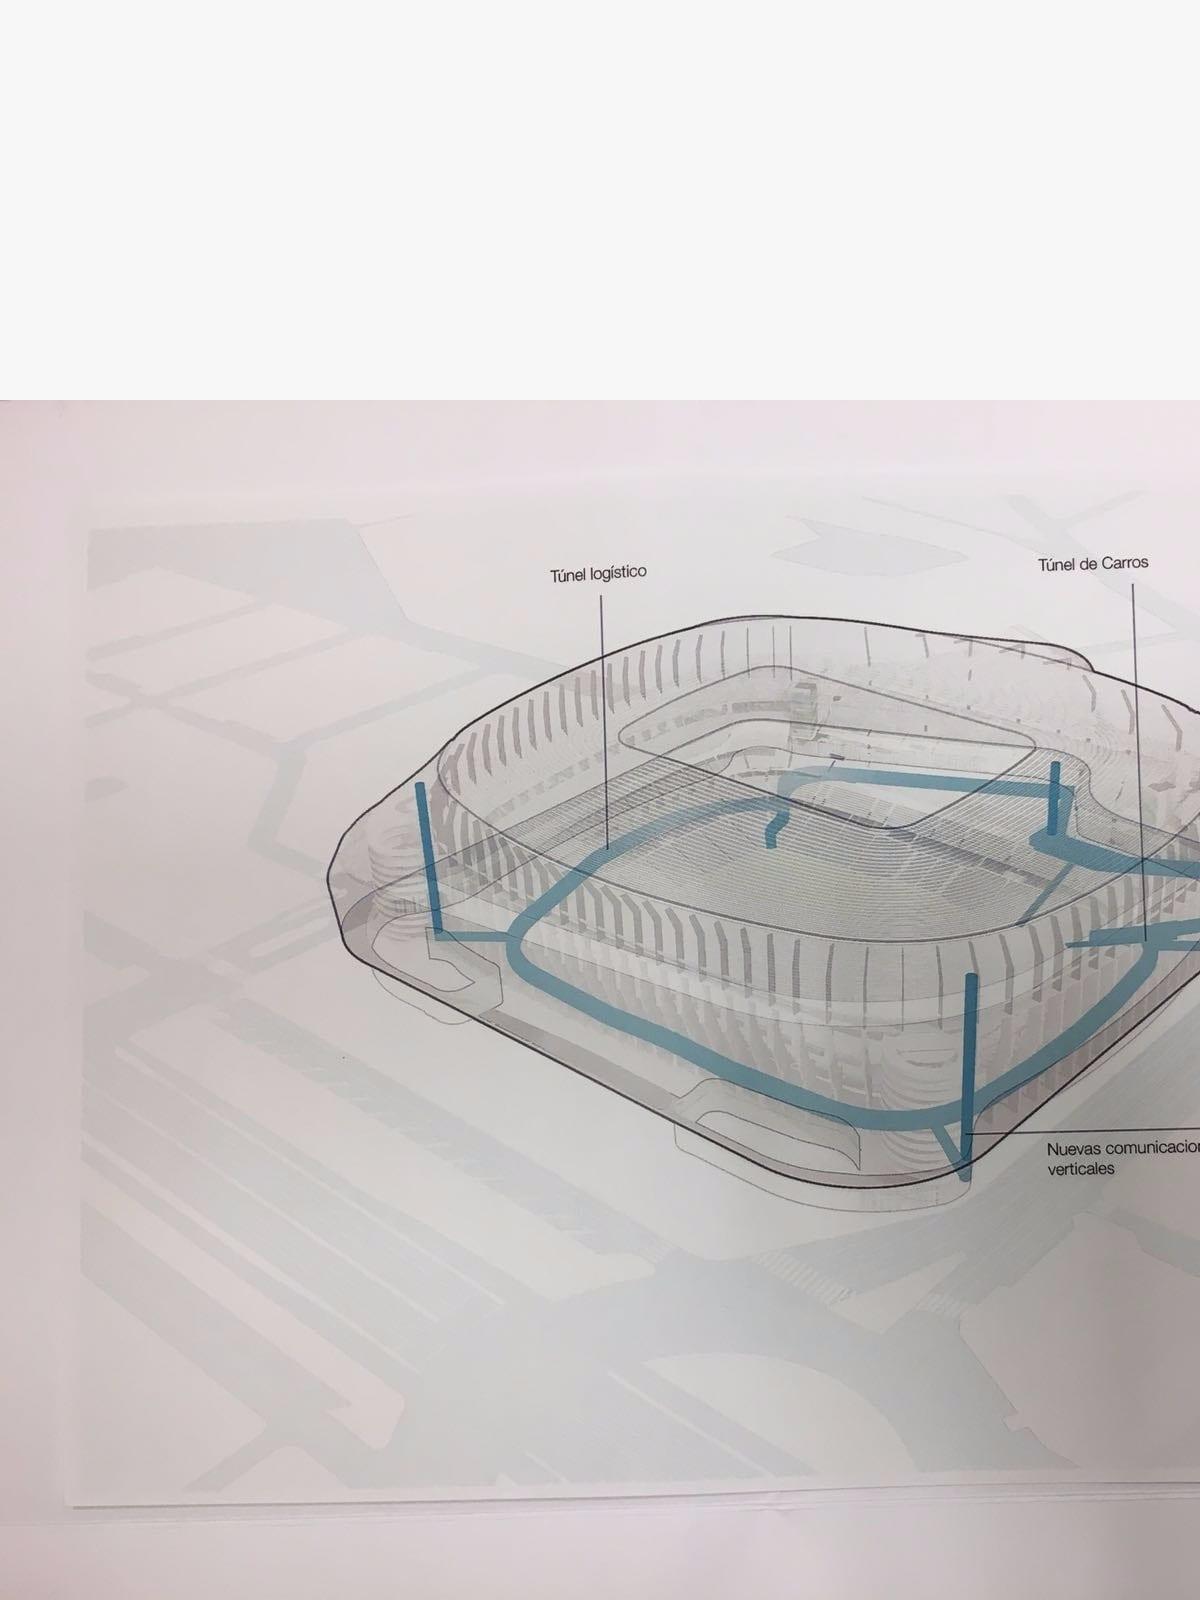 anillo logístico y pasillos de accesos perimetral